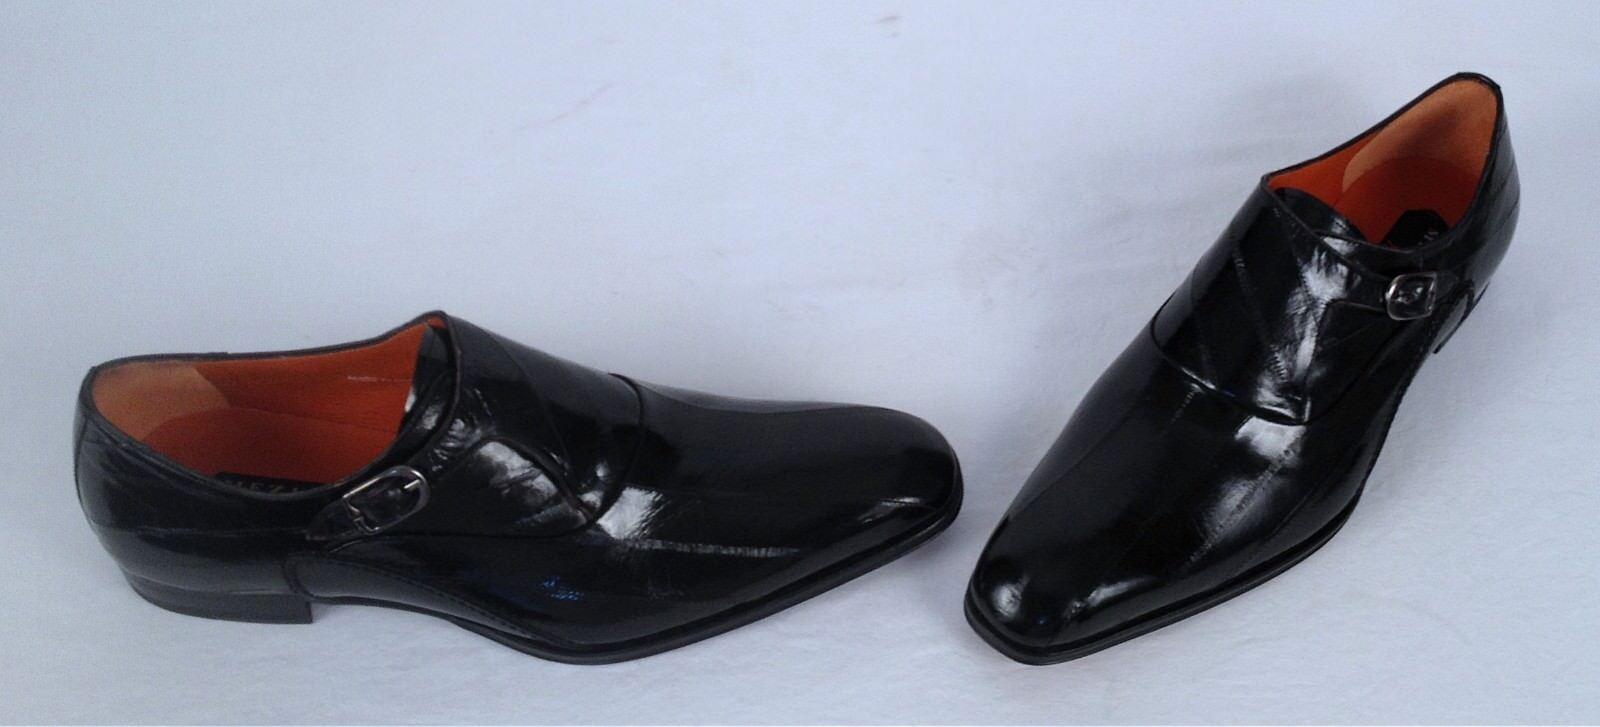 negozio outlet NEW   Mezlan Genuine EEL Monk Strap- nero- Dimensione Dimensione Dimensione 11.5 M   598 (H2)  acquisti online